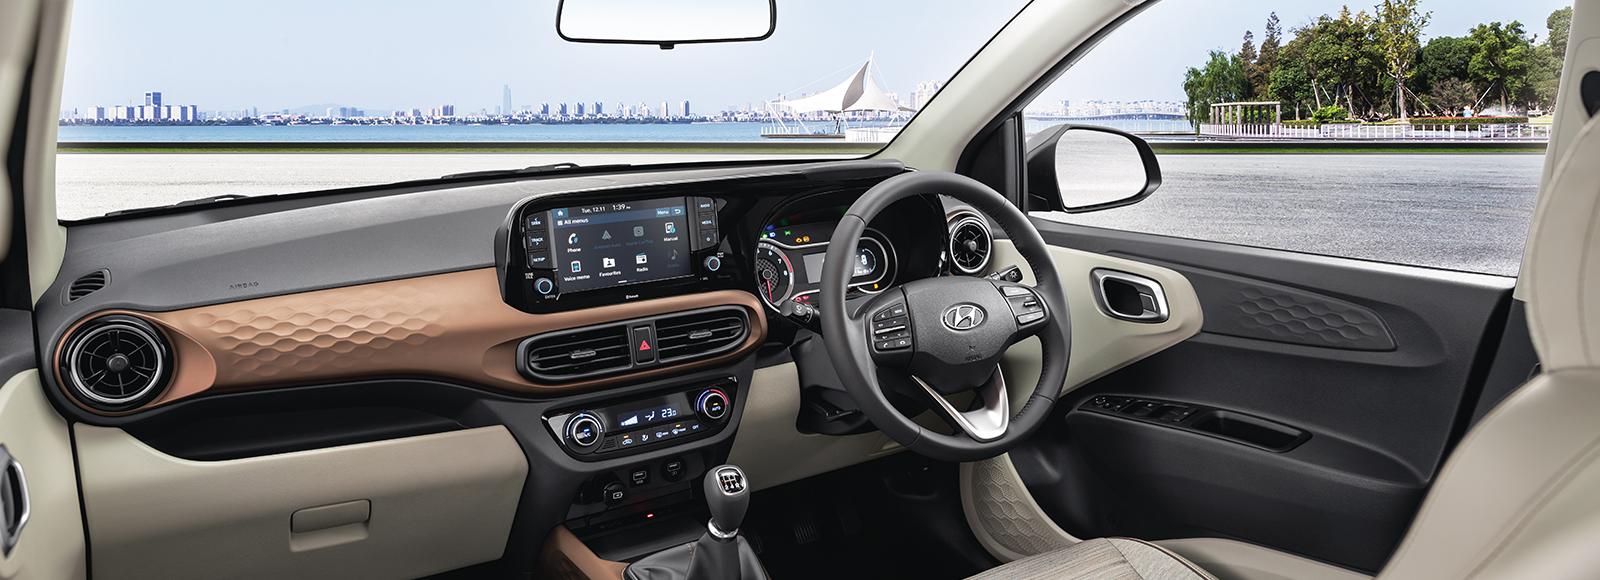 Hyundai Aura Price Nepal Interior Image1